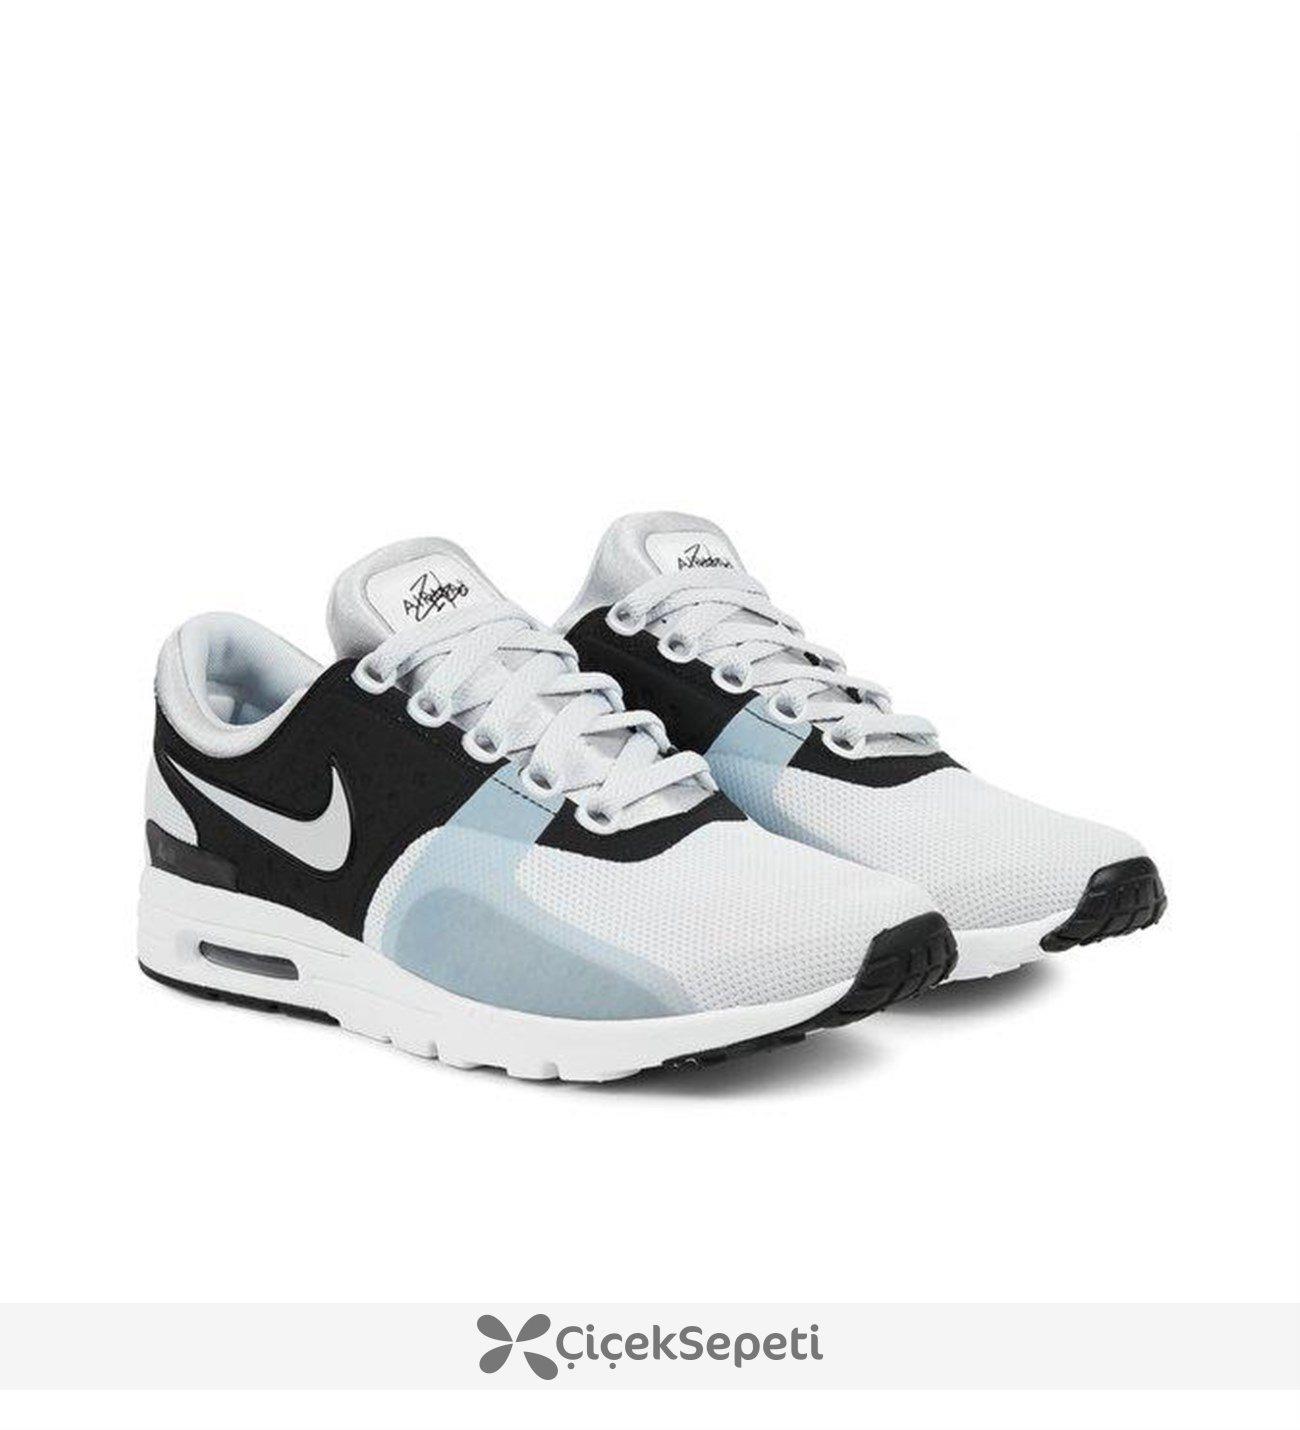 W Aır Max Zero Kadın Erkek Spor Ayakkabı 857661 007